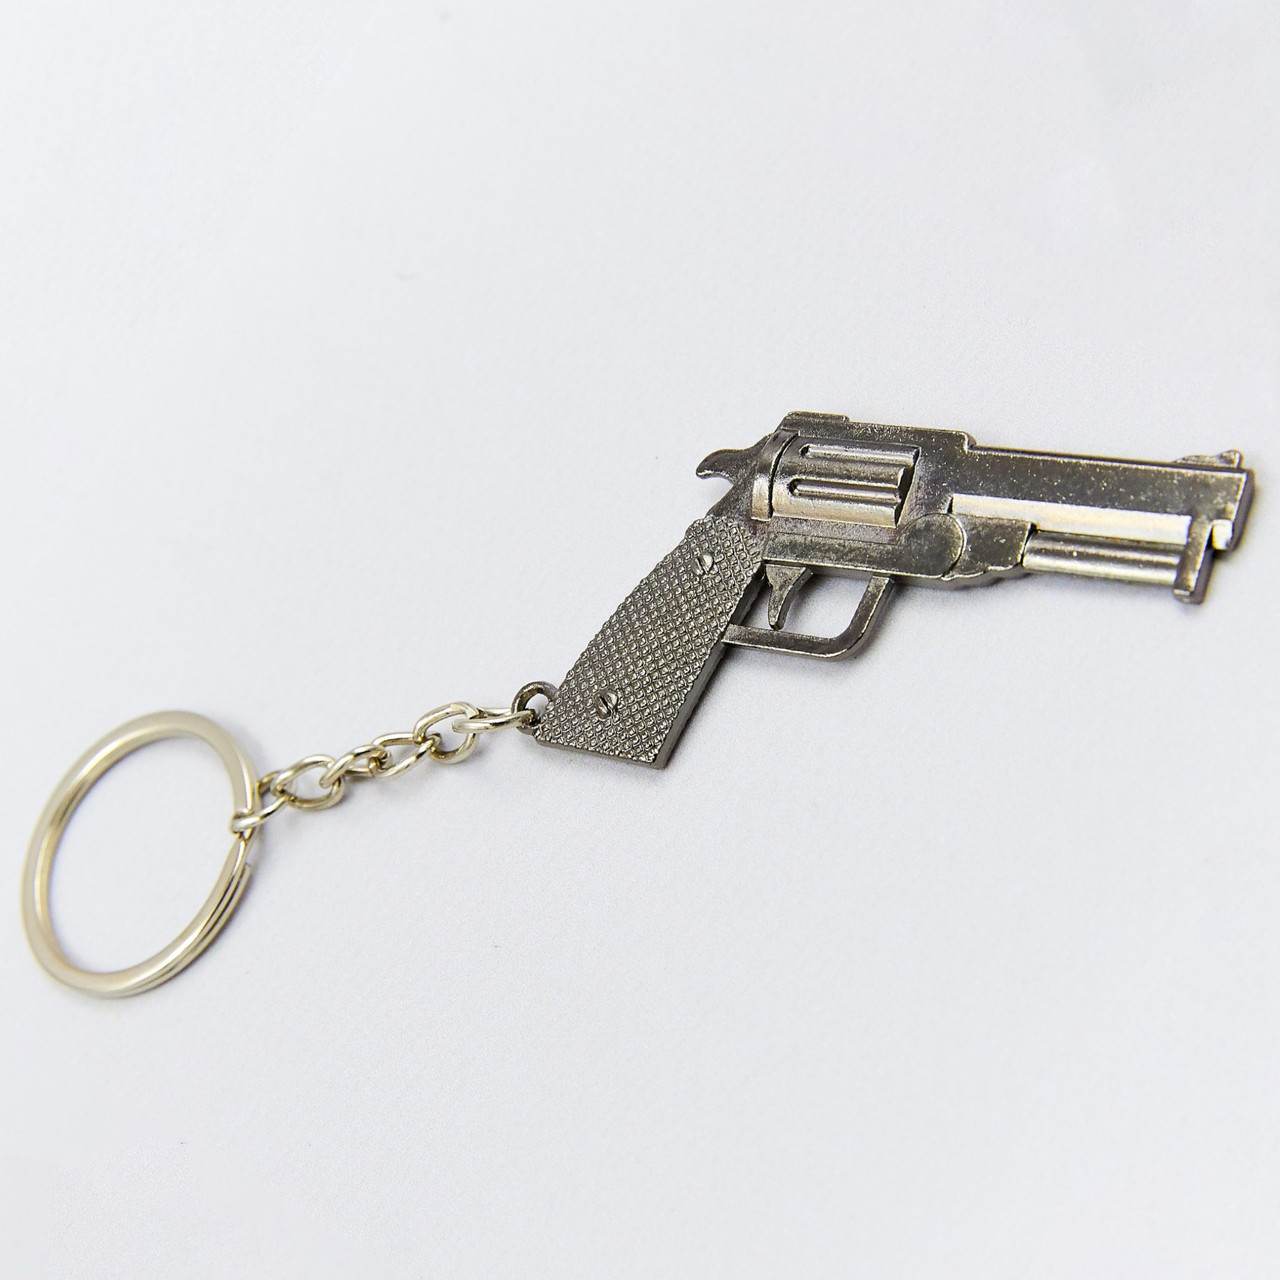 Брелок Пистолет (металл хром., цена за 1шт) PZ-FB-0759